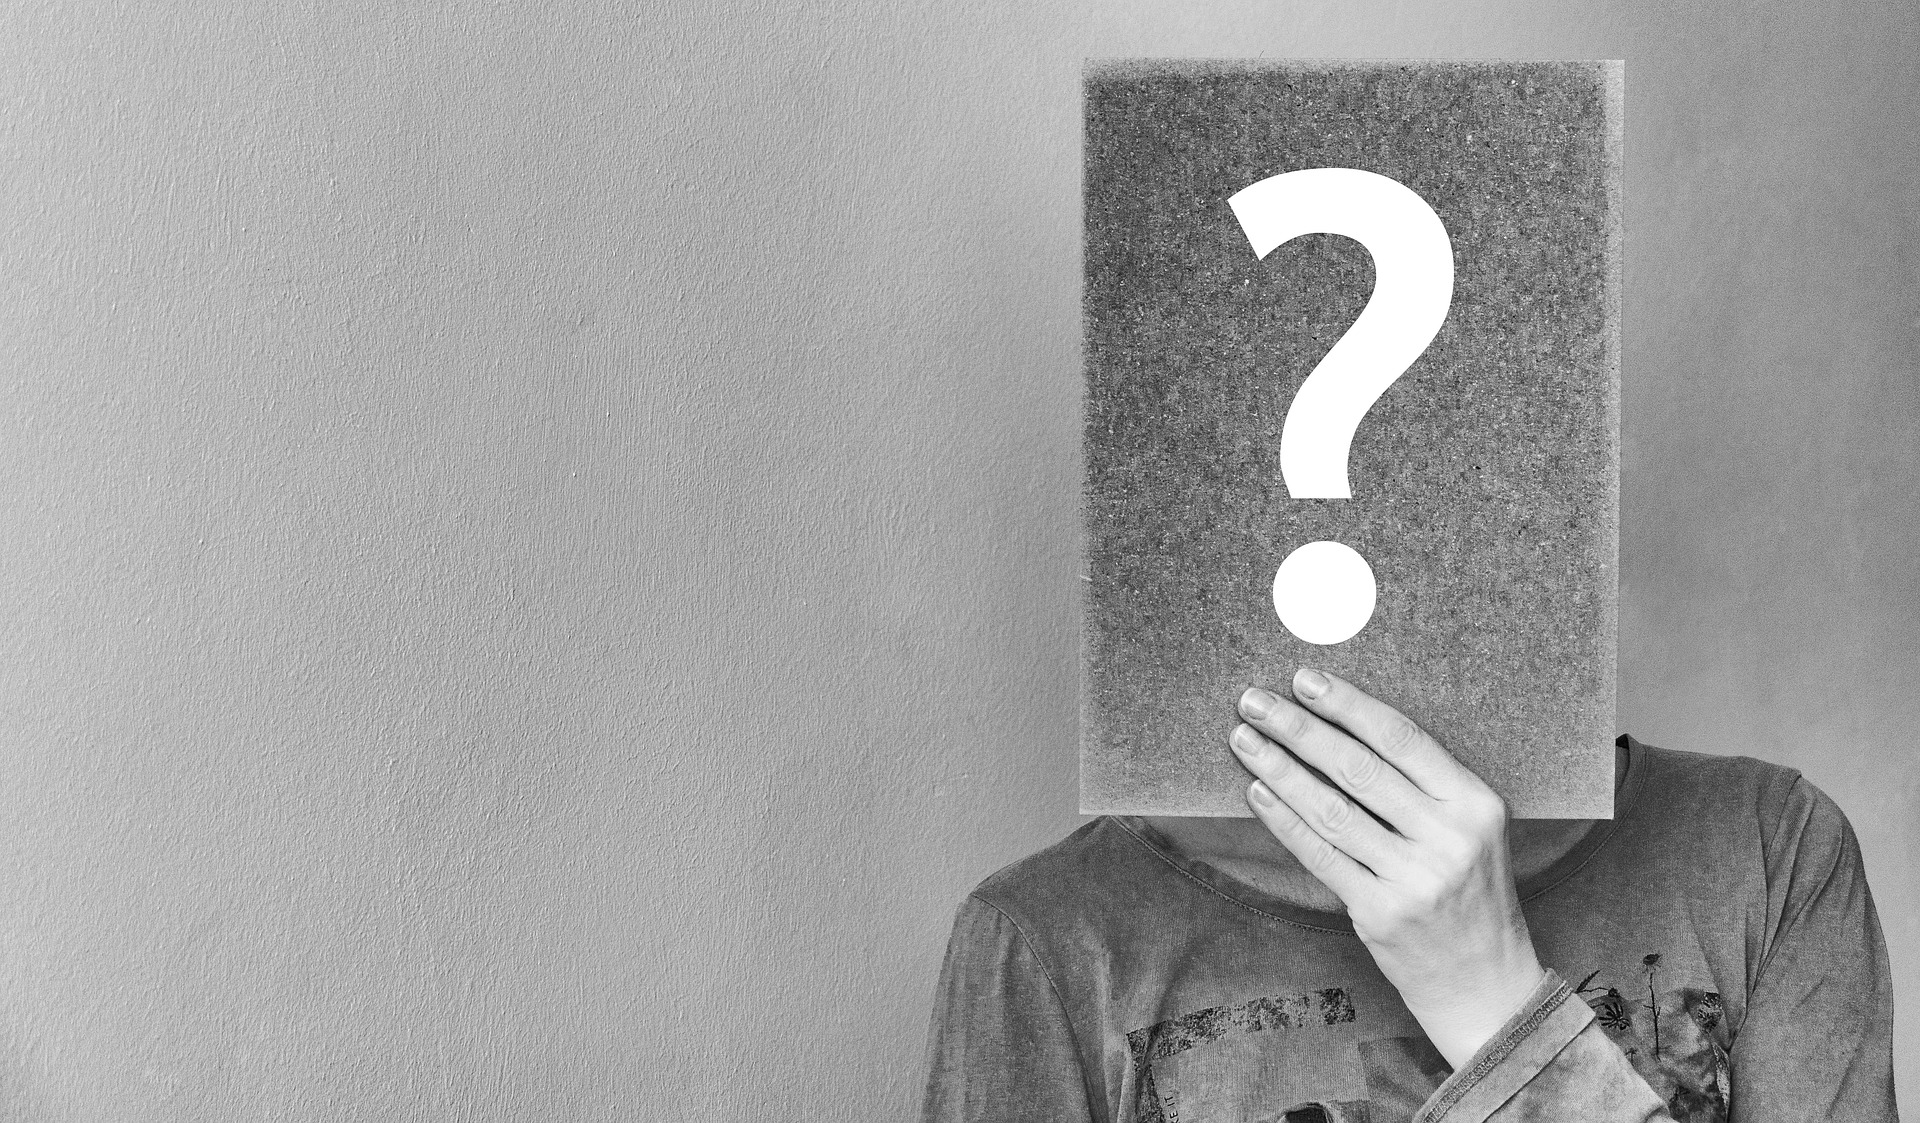 Аккредитация филиала, аккредитация представительства. Часто задаваемые вопросы. Часть 4